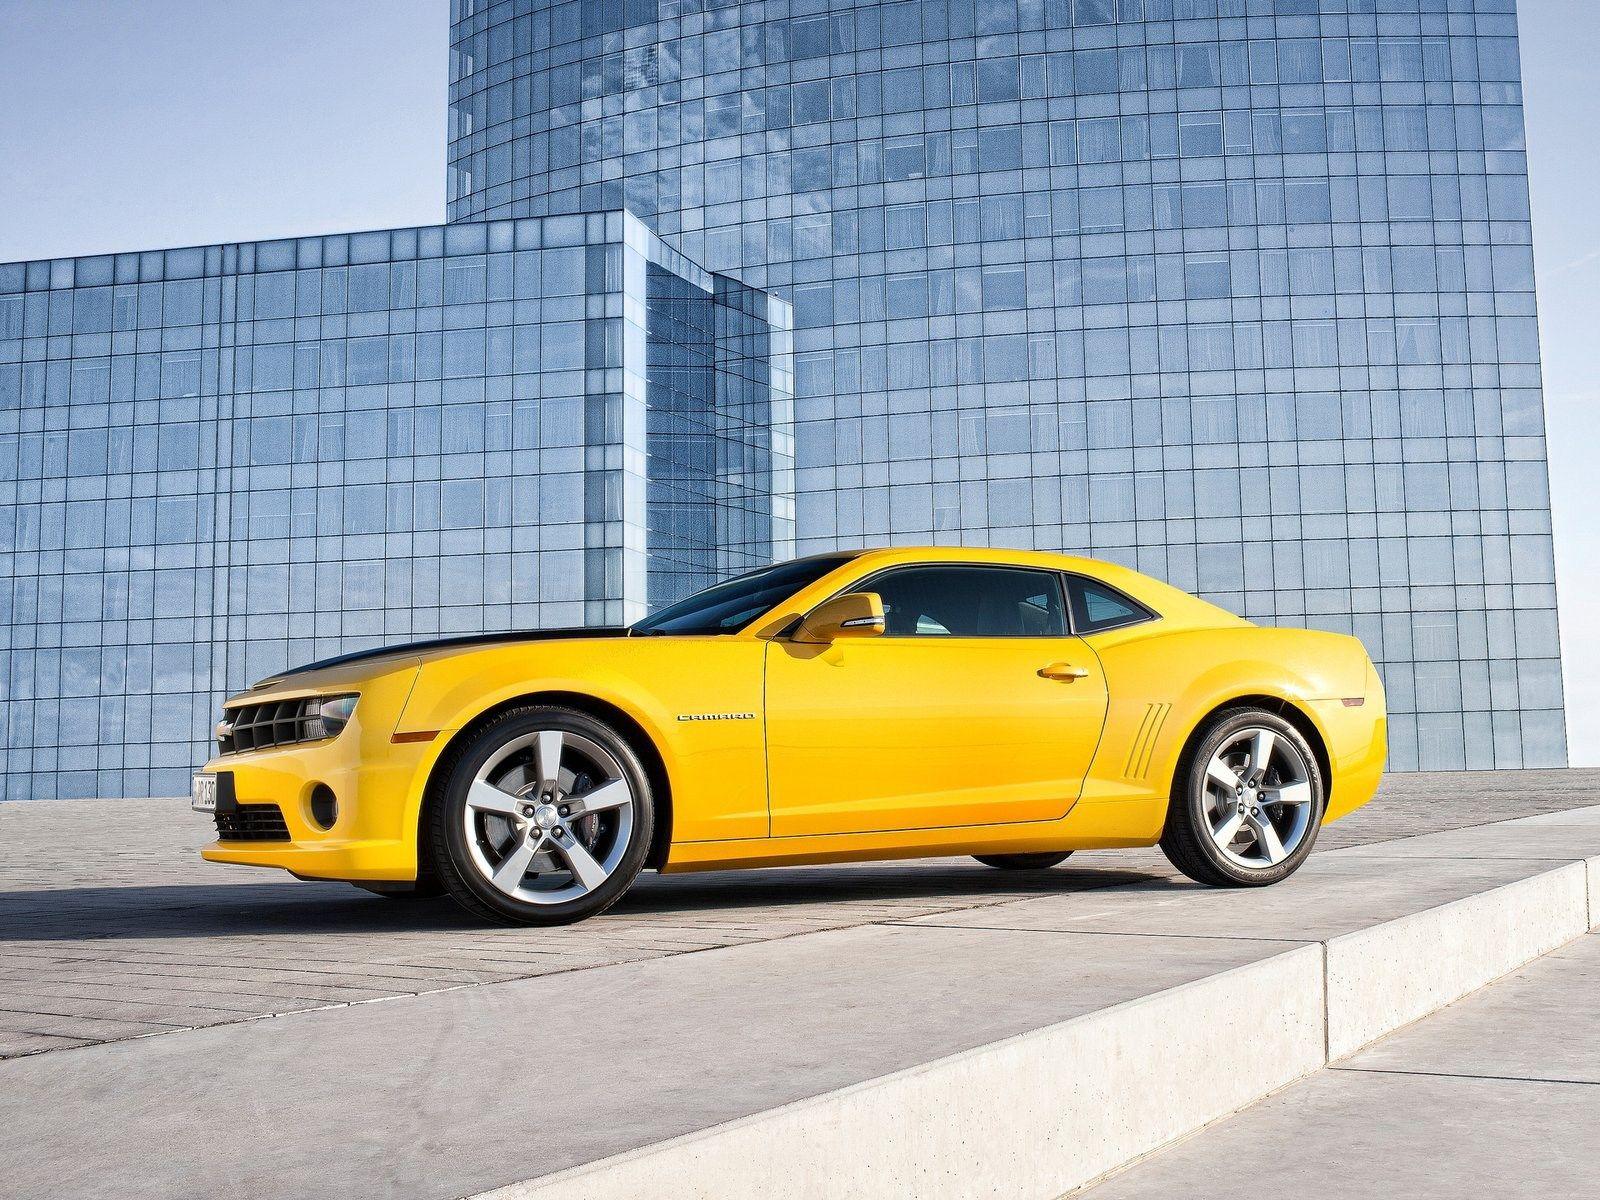 1432324 Pictures Of Chevrolet Camaro Autos